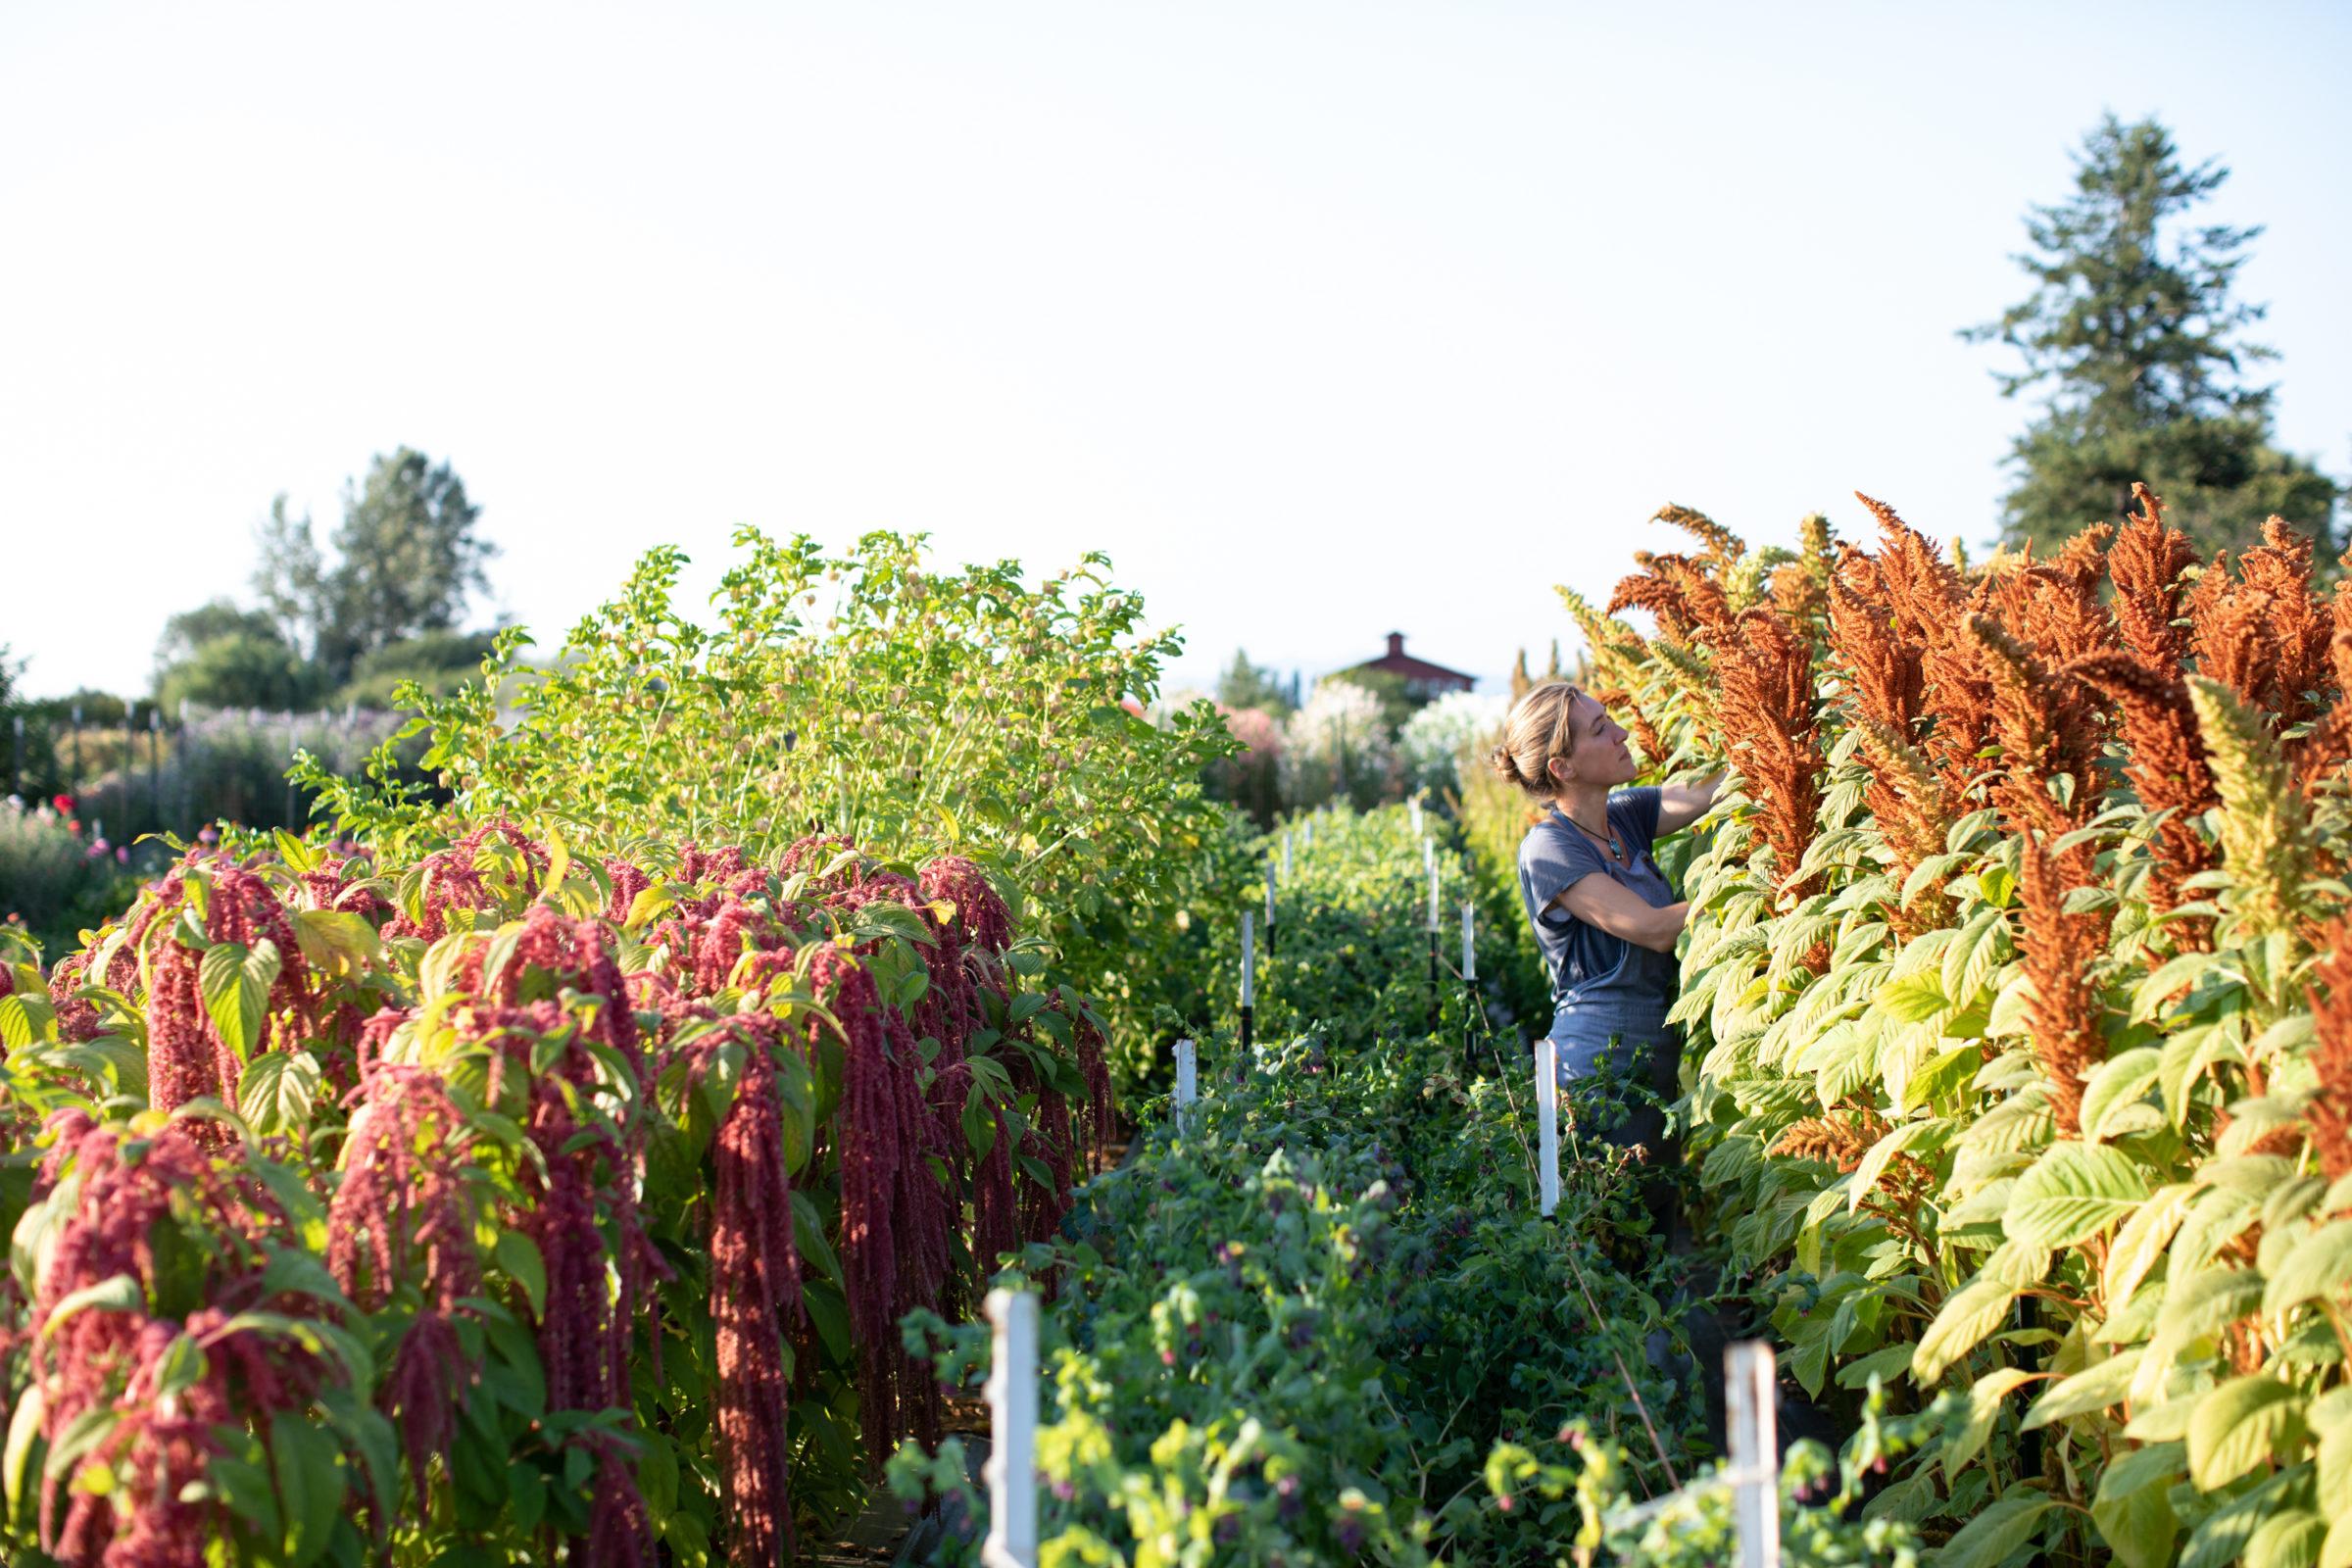 Erin Benzakein harvesting amaranth